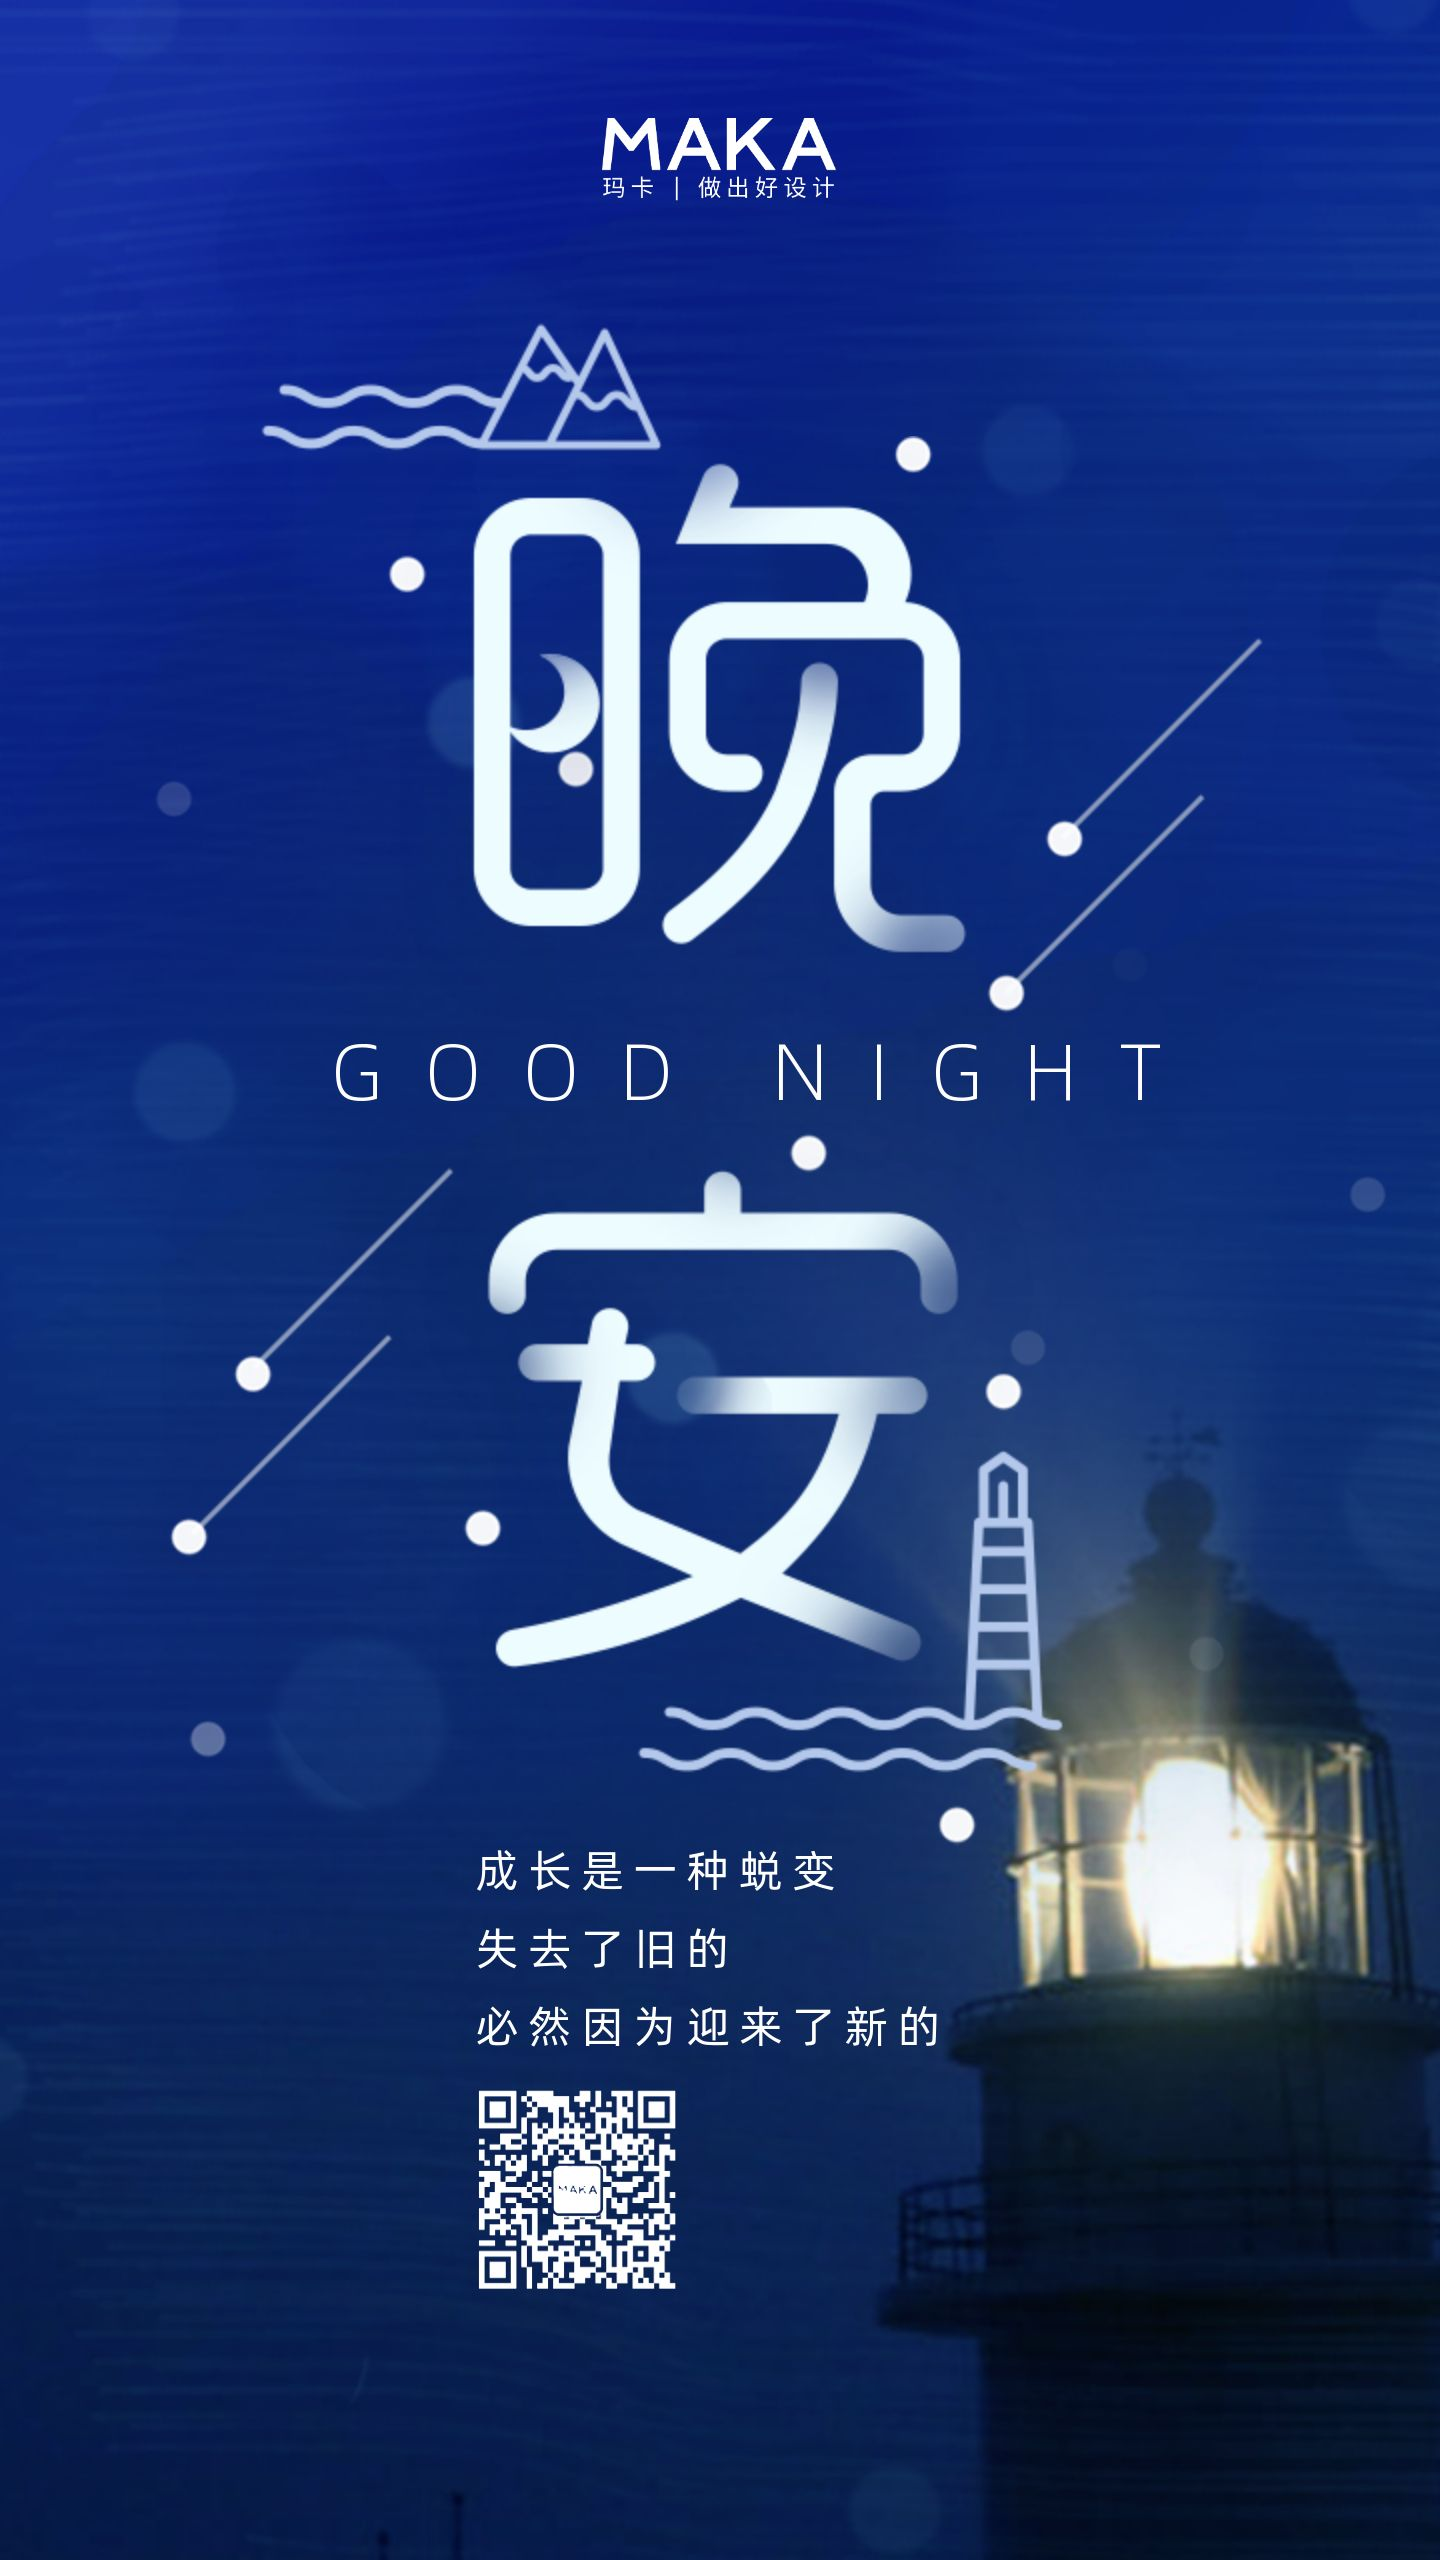 唯美简约星空灯塔小清新晚安励志日签晚安心情寄语宣传海报